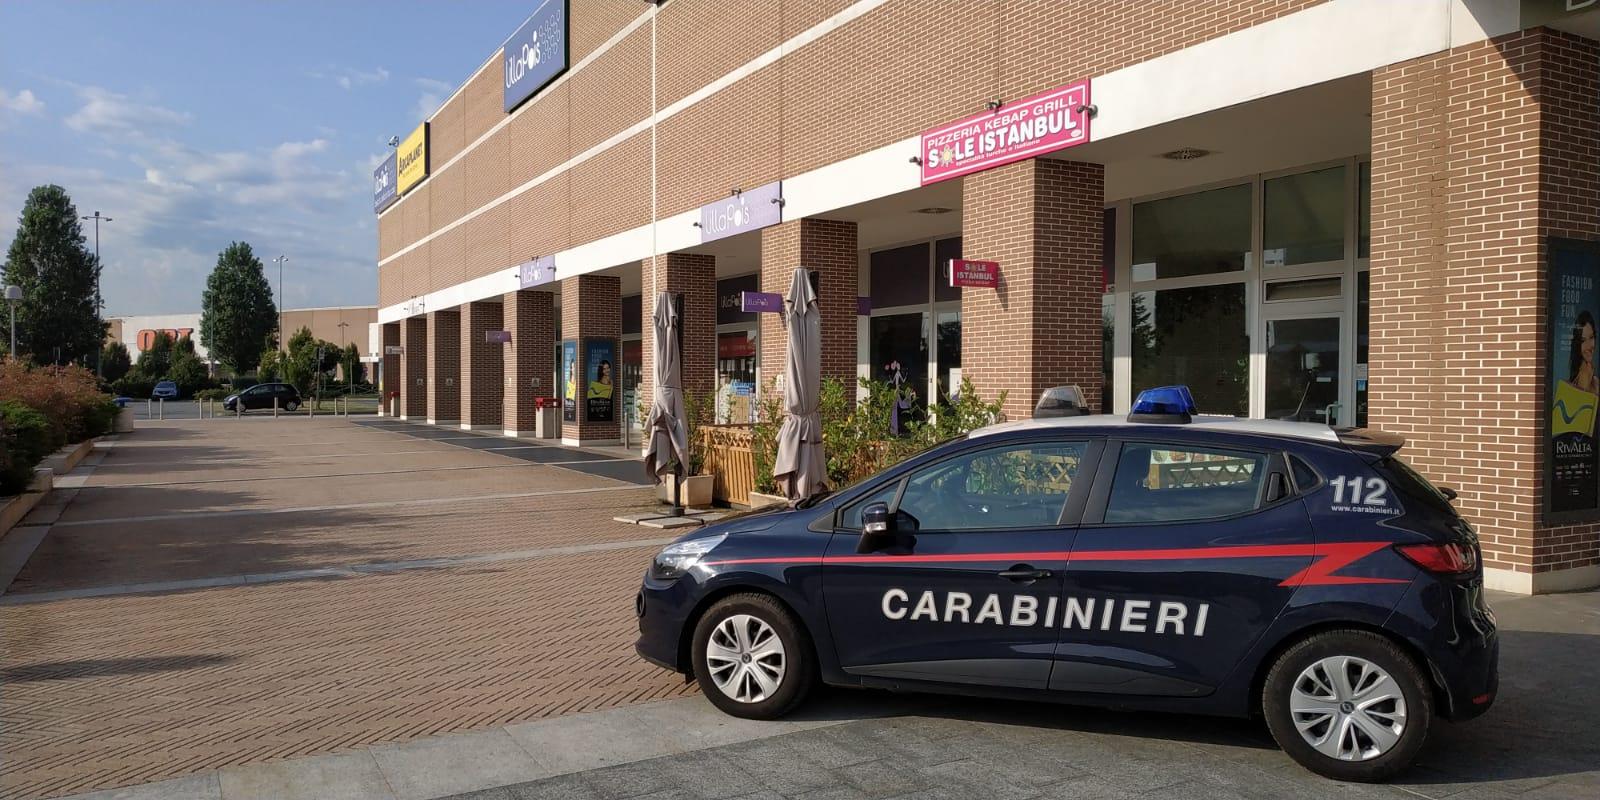 CRONACA – Un 33 enne di Nichelino arrestato a Rivalta per lesioni